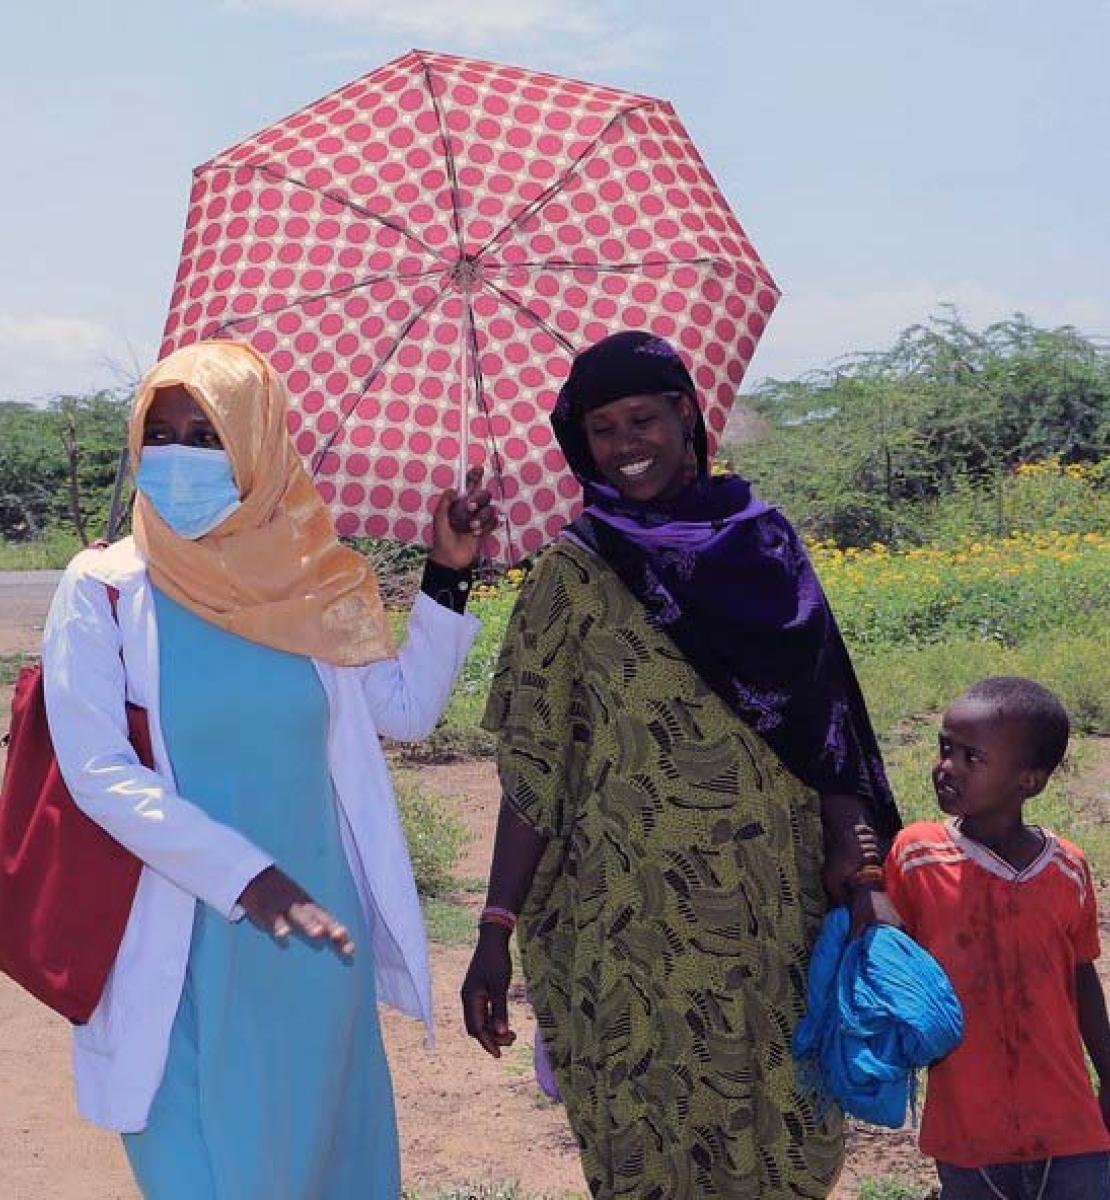 Una mujer con mascarilla sostiene un paraguas mientras camina junto a una mujer y su hijo.